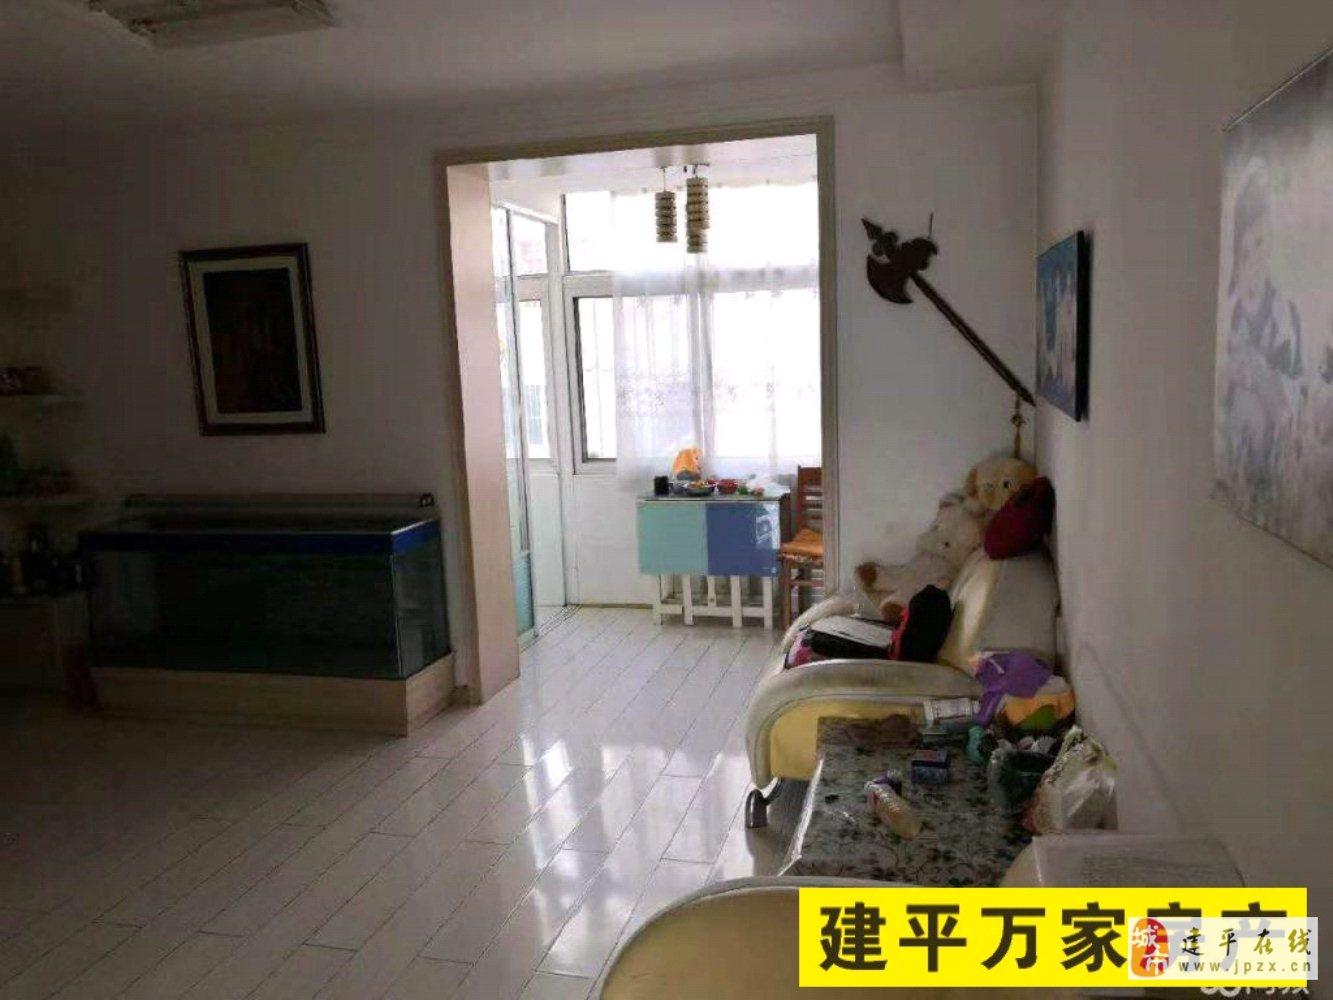 和谐家园2室1厅1卫33万元